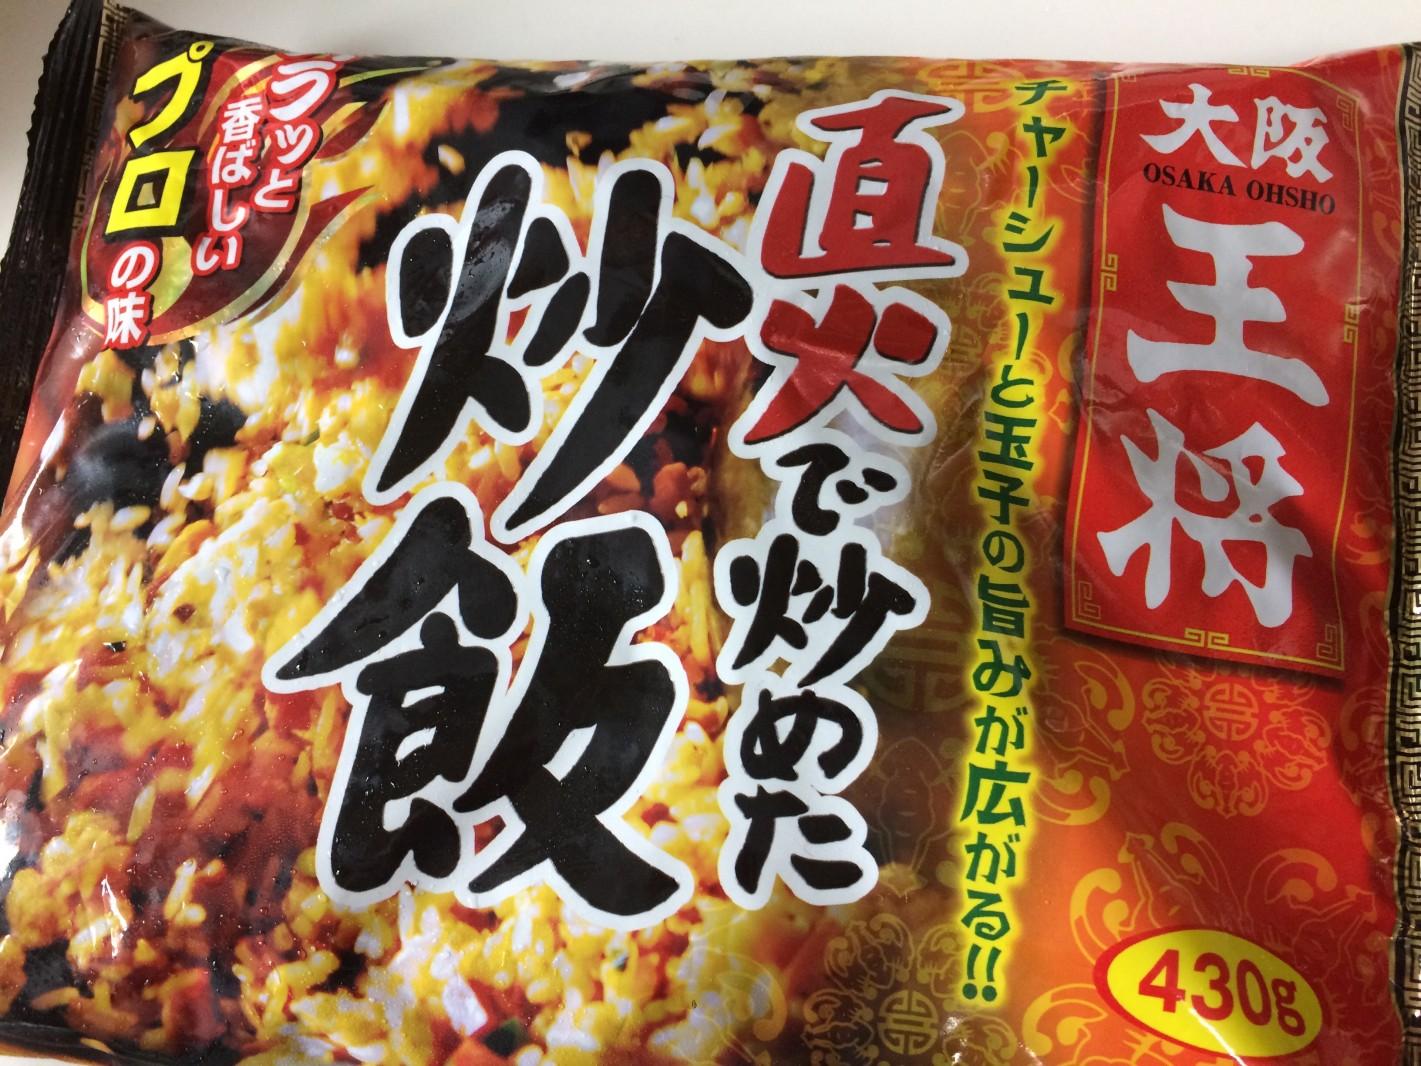 炒飯年継続~、「大阪王将」羽根つき餃子+炒飯で餃子定食感出ます